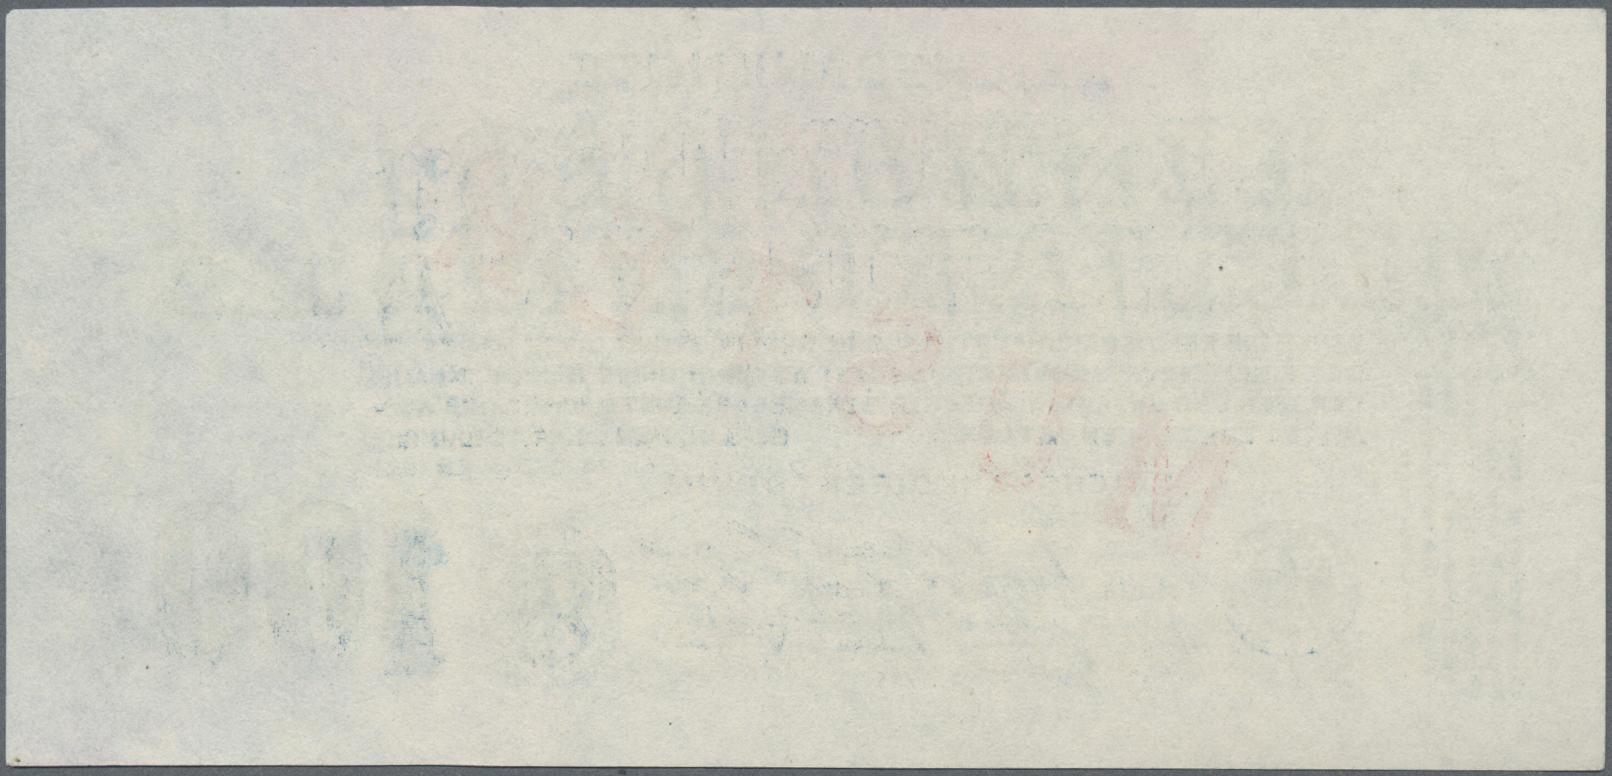 Lot 03344 - Deutschland - Deutsches Reich bis 1945 | Banknoten  -  Auktionshaus Christoph Gärtner GmbH & Co. KG Sale #45 Banknotes Germany/Numismatics